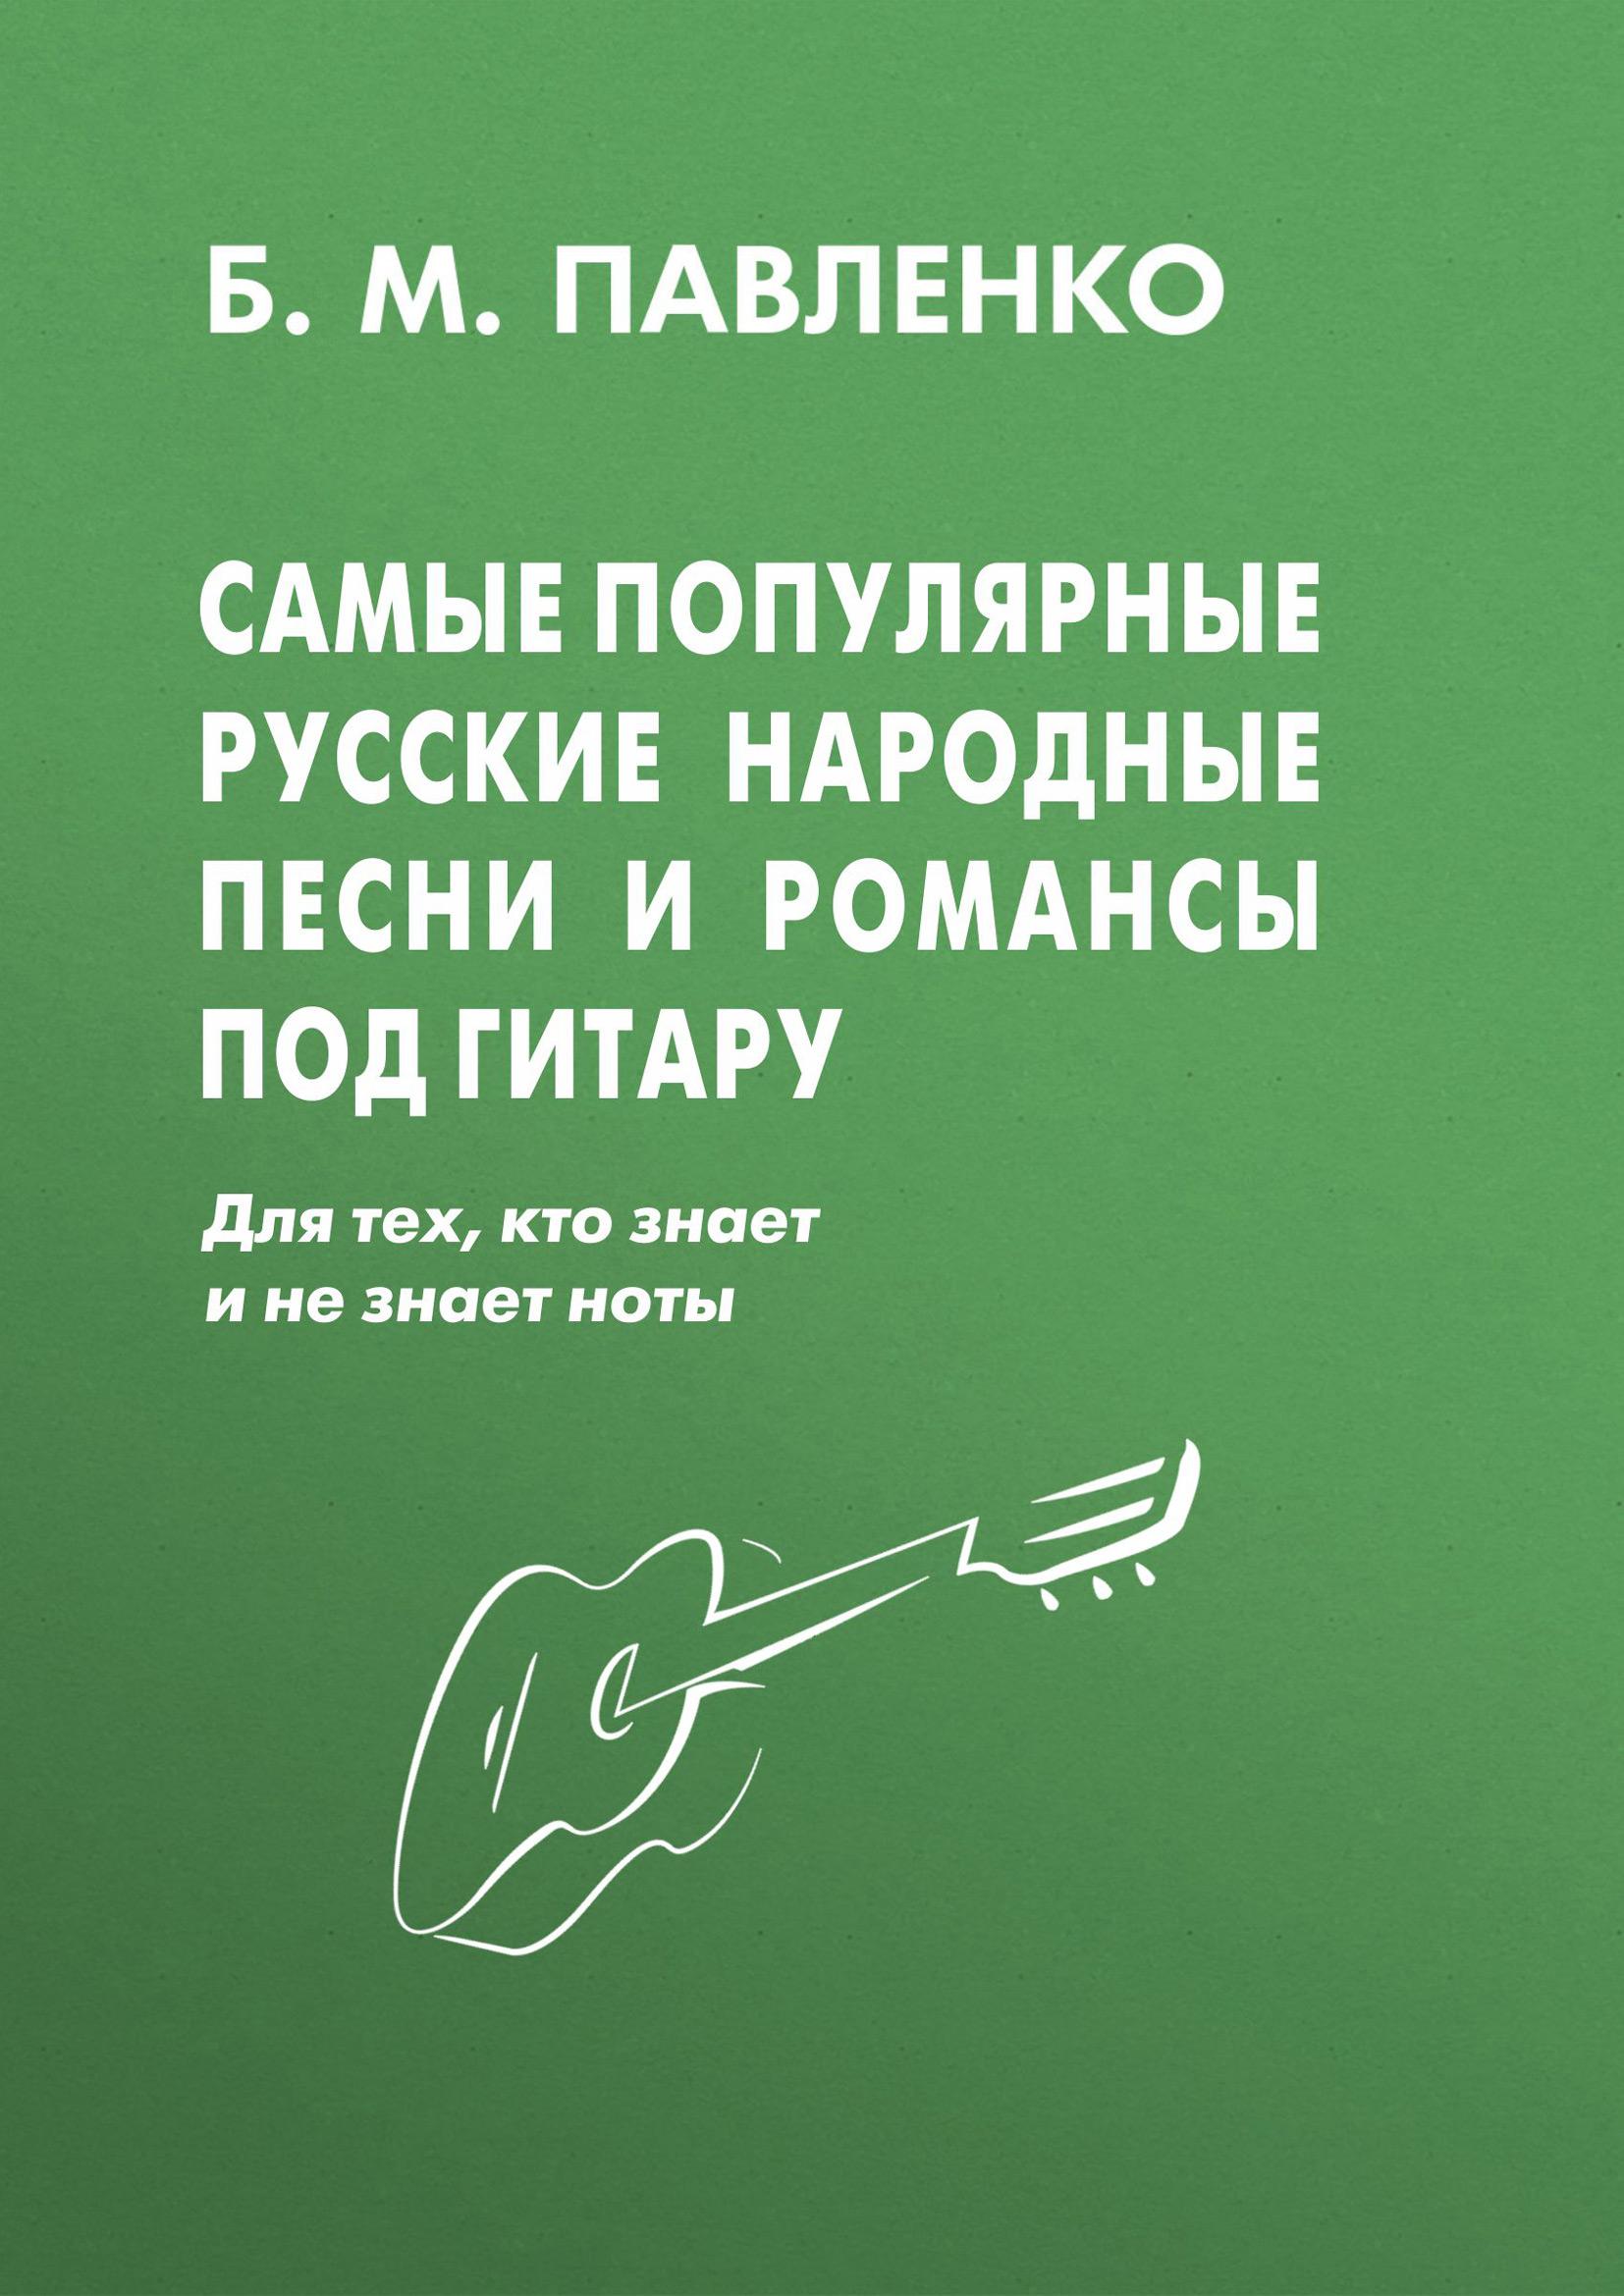 Б. М. Павленко Самые популярные русские народные песни и романсы под гитару б м павленко самые популярные русские народные песни и романсы под гитару